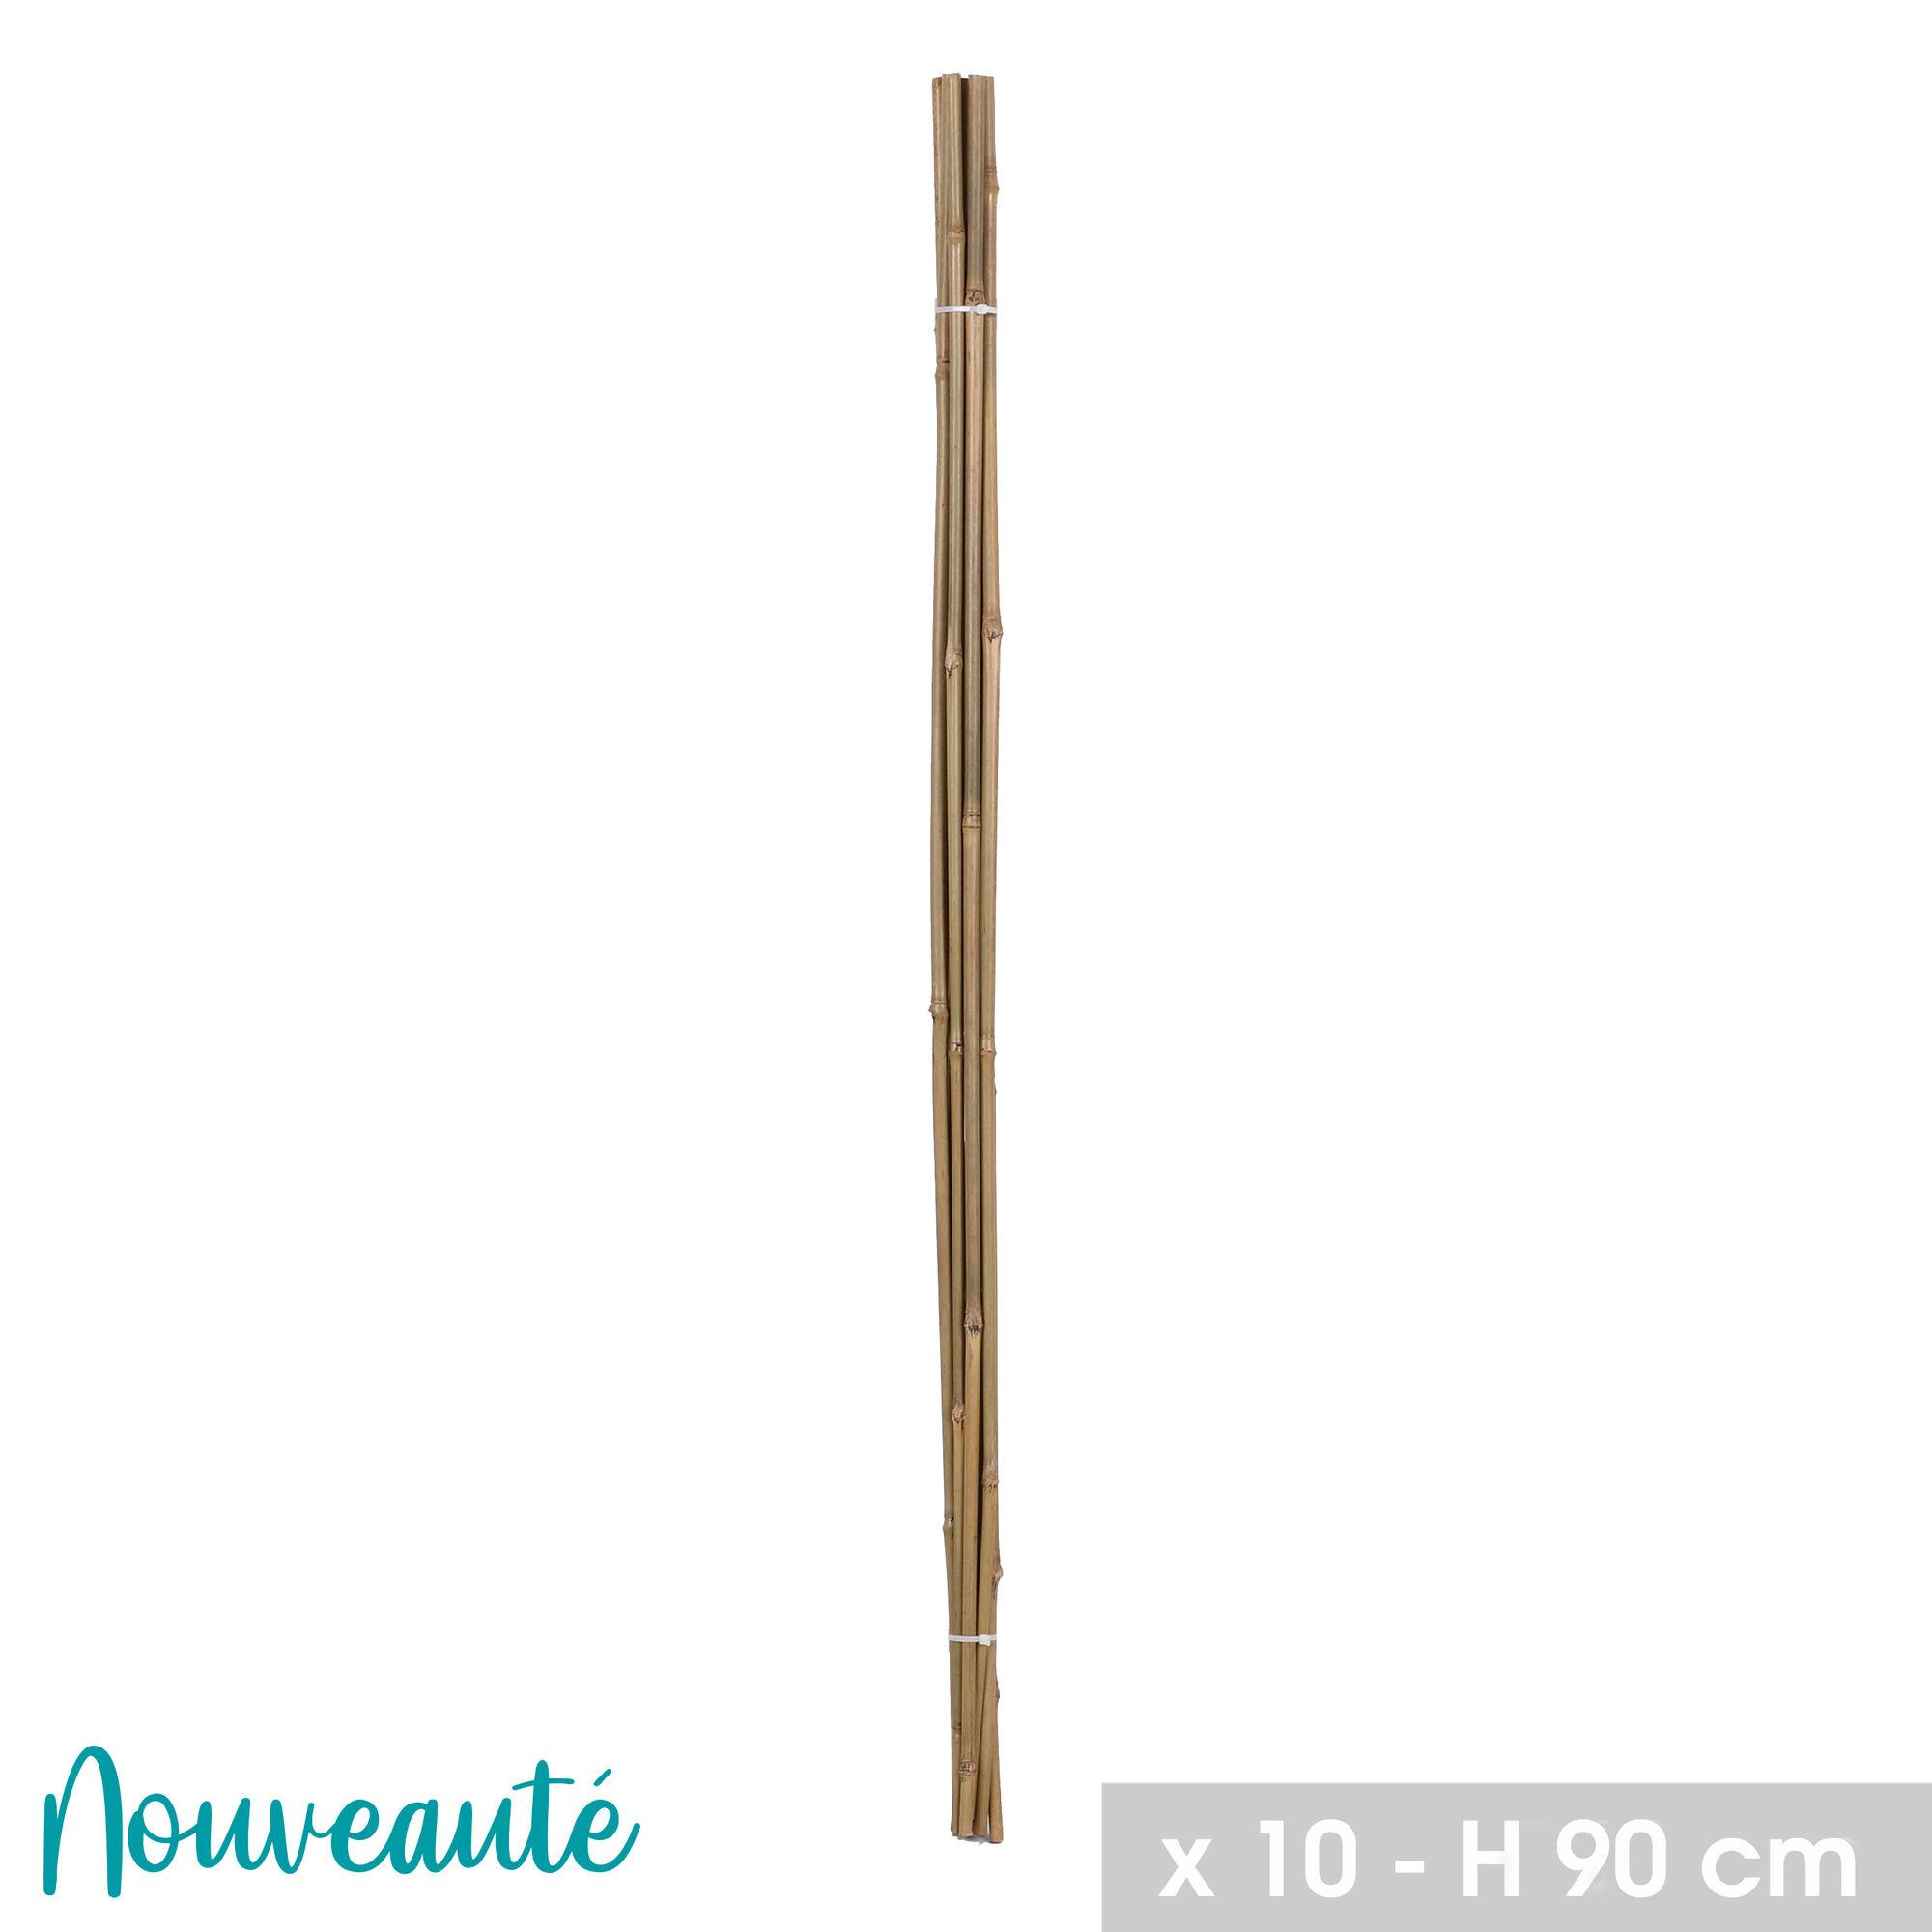 NOTRE SÉLECTION Lot de 10 tuteurs en bambou H.90 cm x 8-10 mm